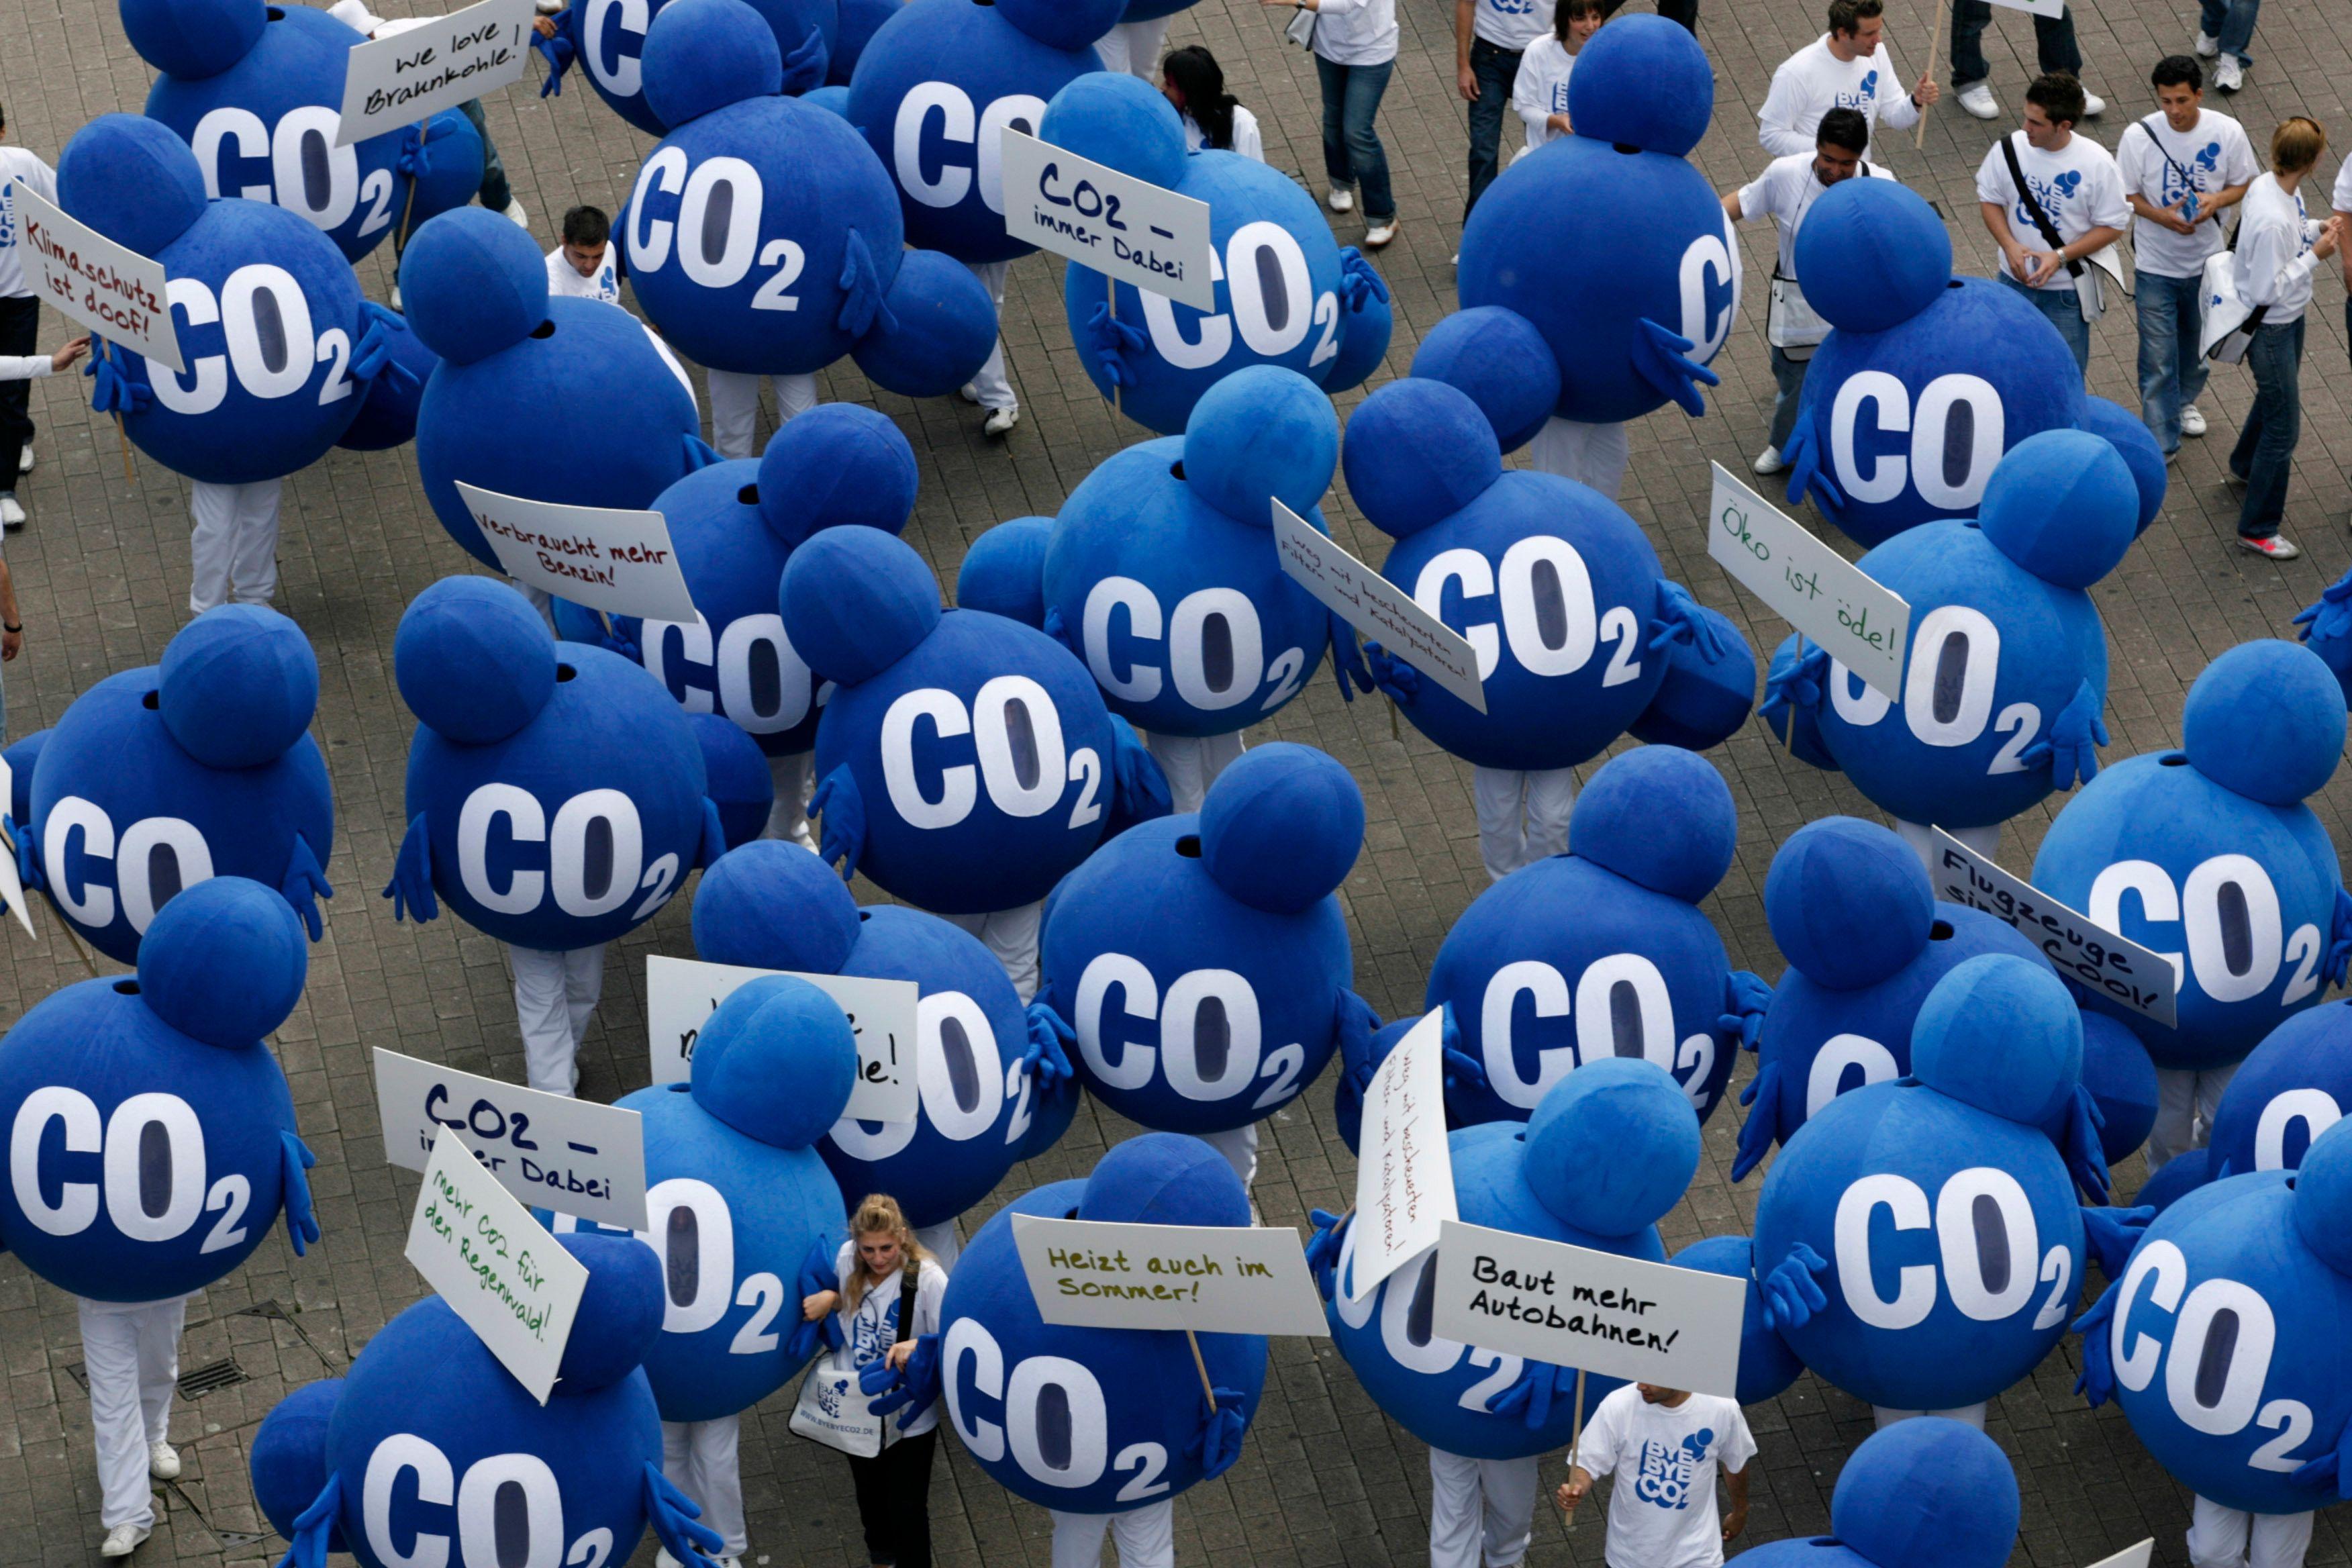 Les recherches prometteuses de chimistes japonais sur de nouveaux matériaux plastiques qui permettent de fixer le CO2